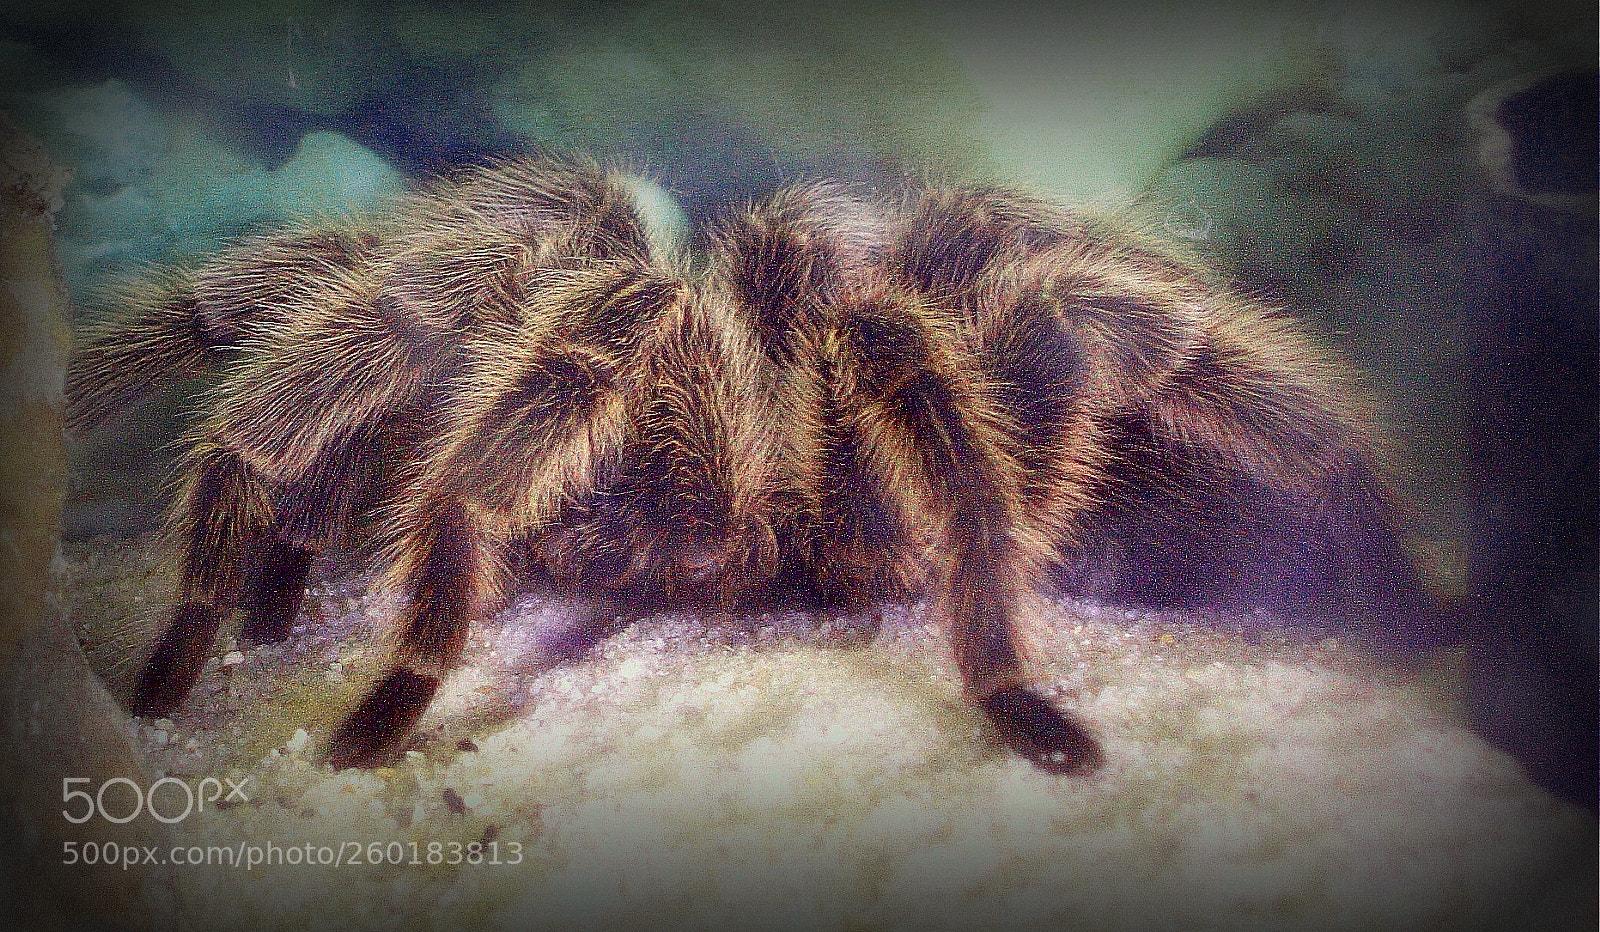 TARANTULA SPIDER!!, Nikon E5200